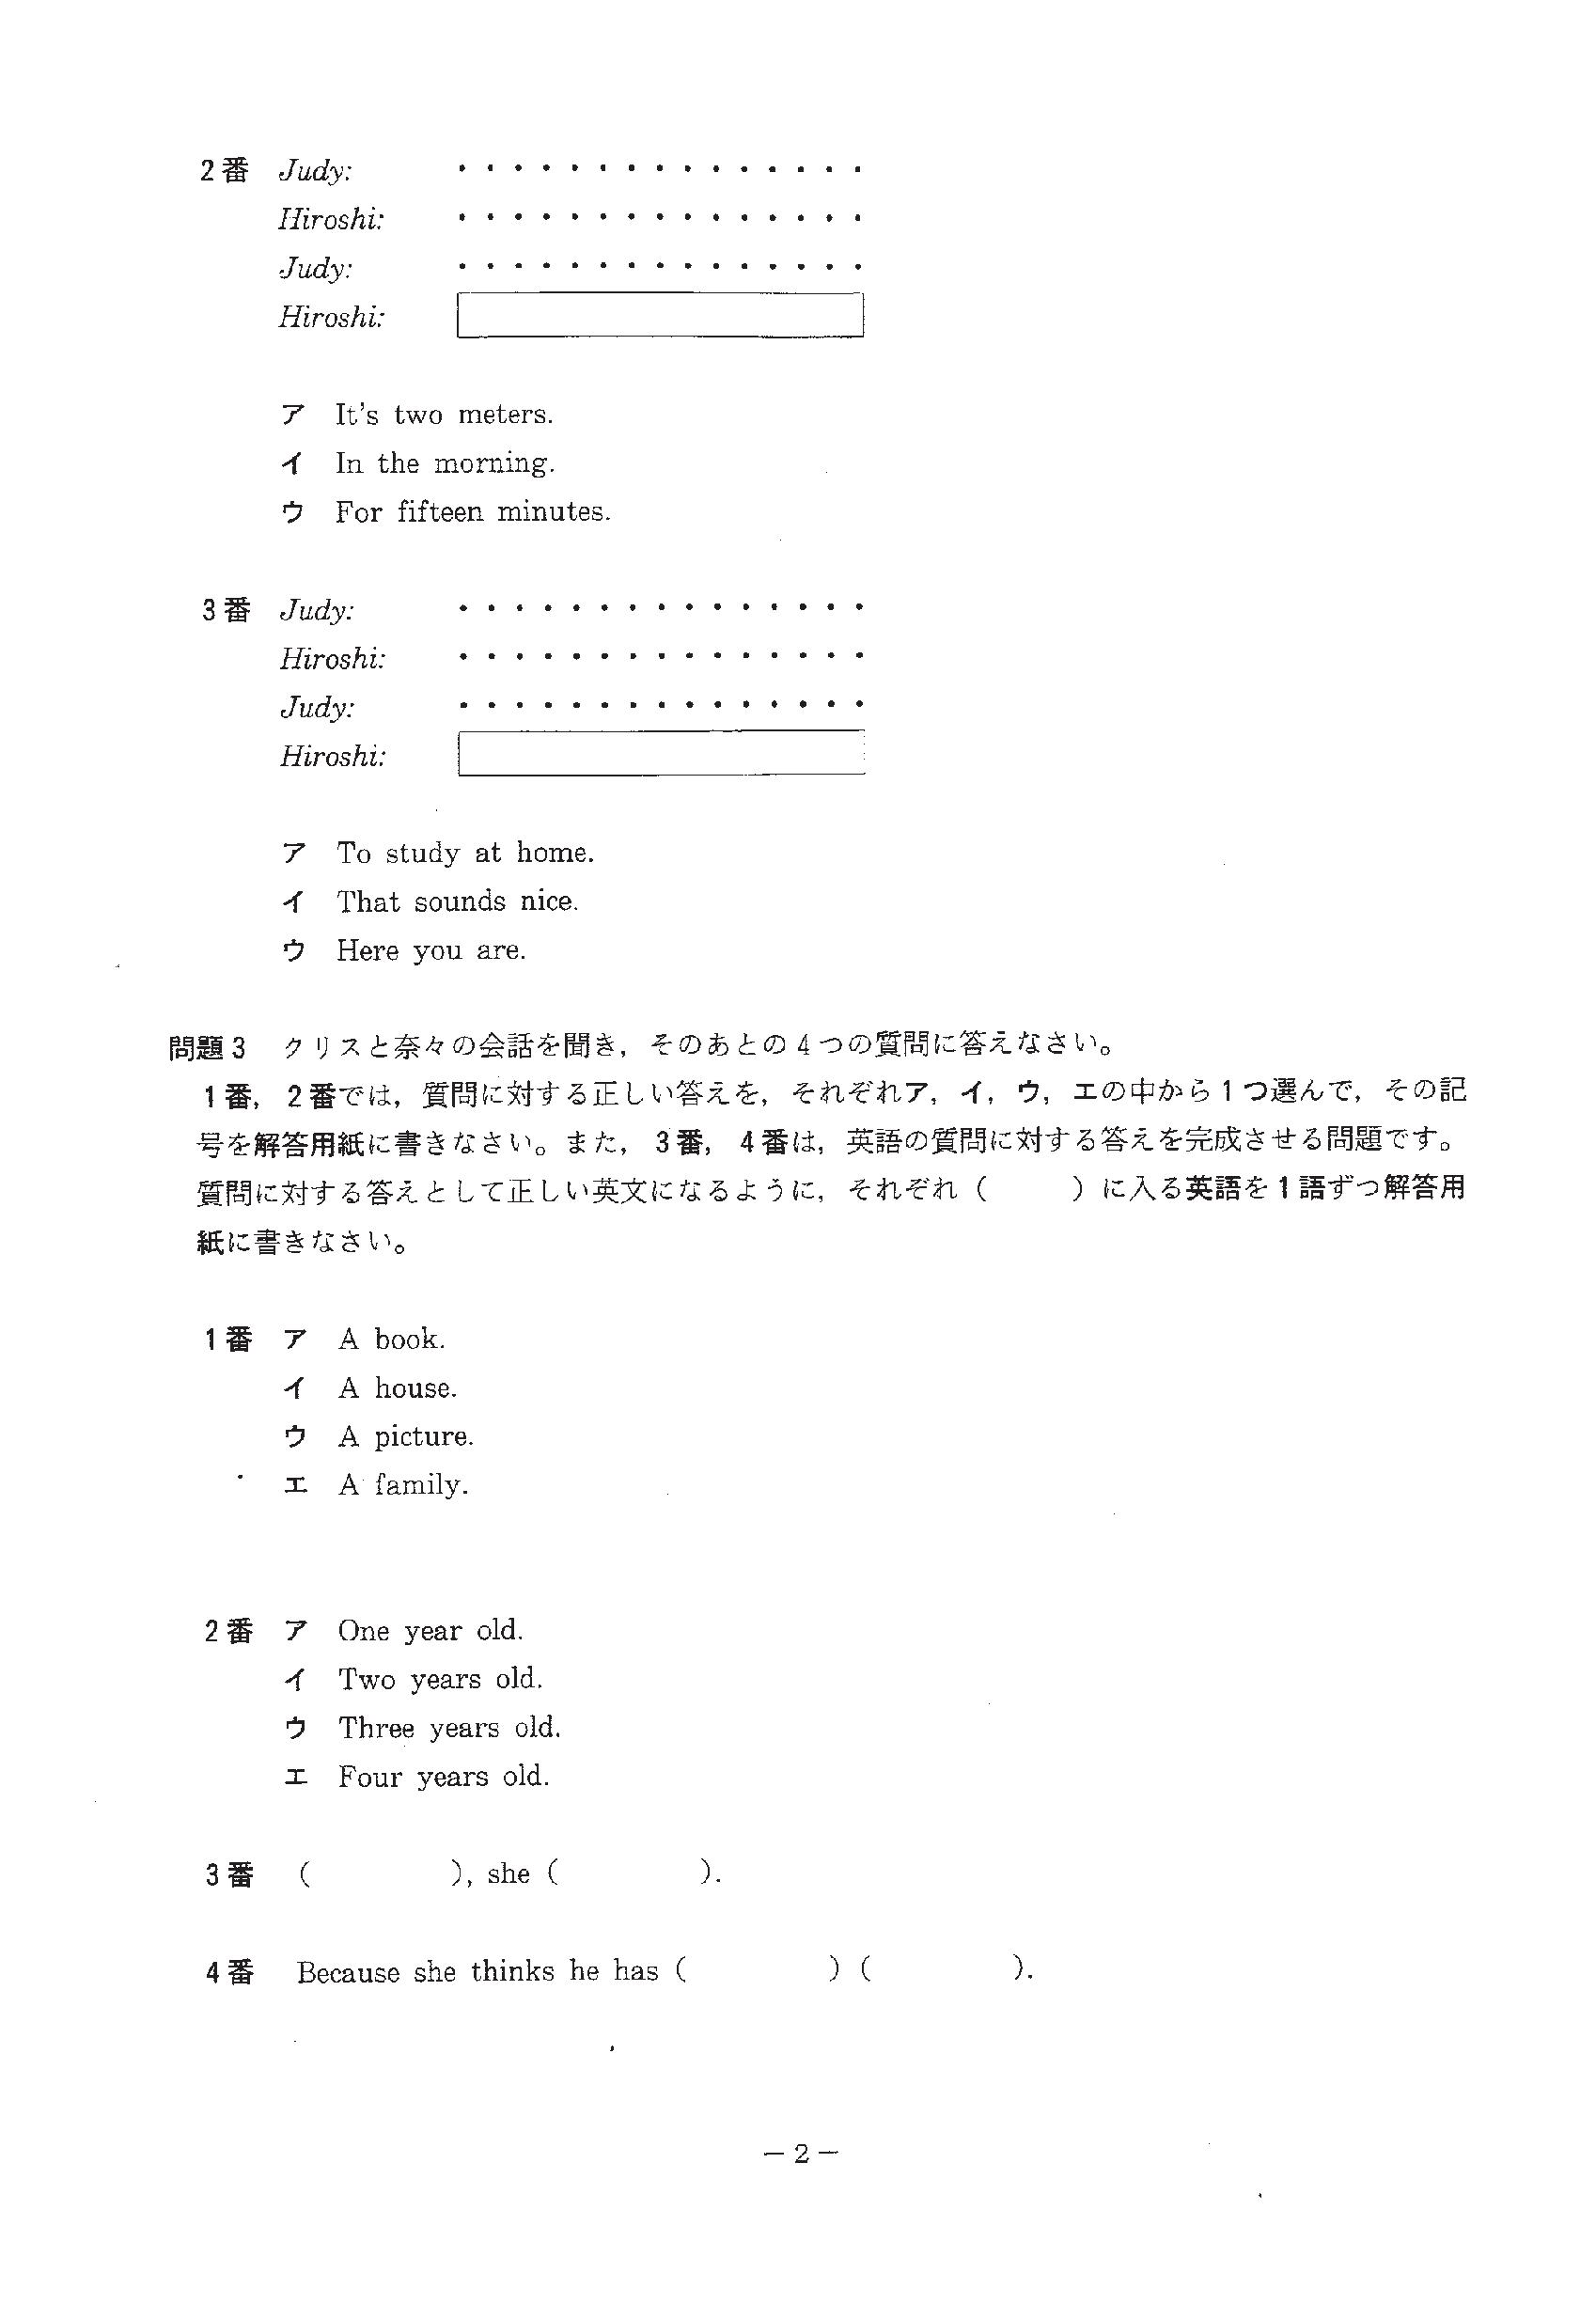 1202-p04-e2